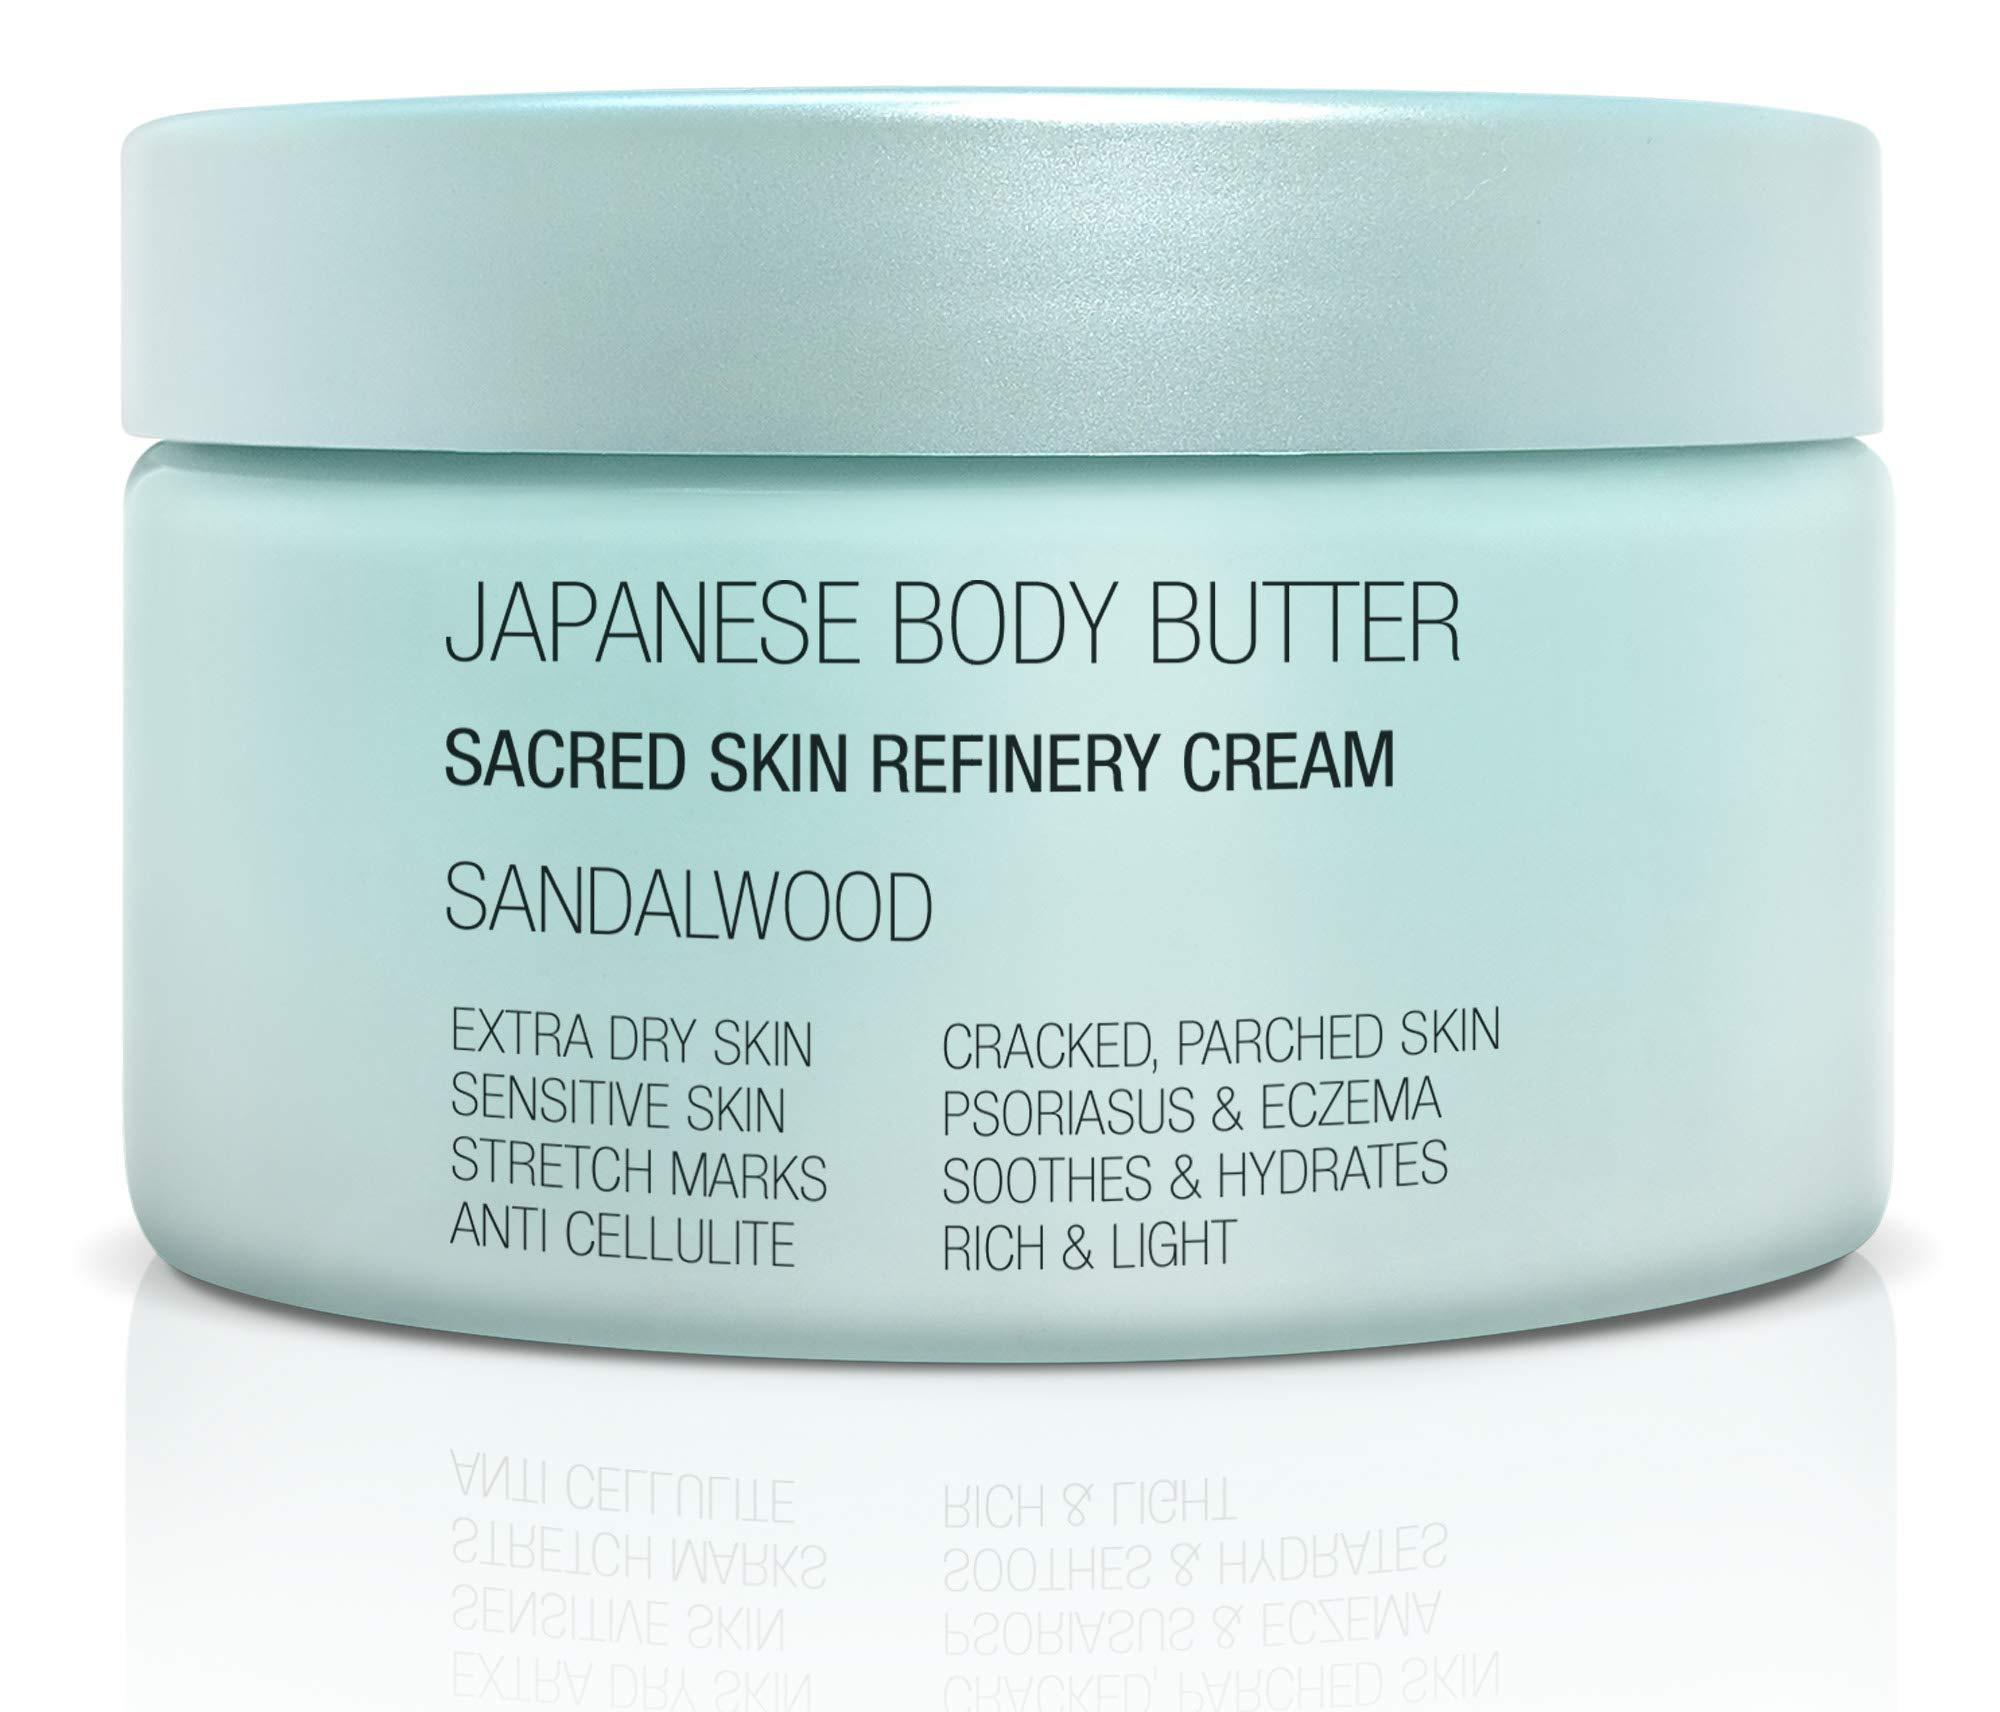 Onsen Secret Japanese Bodybutter Sandalwood Sacred Skin Refinery Cream